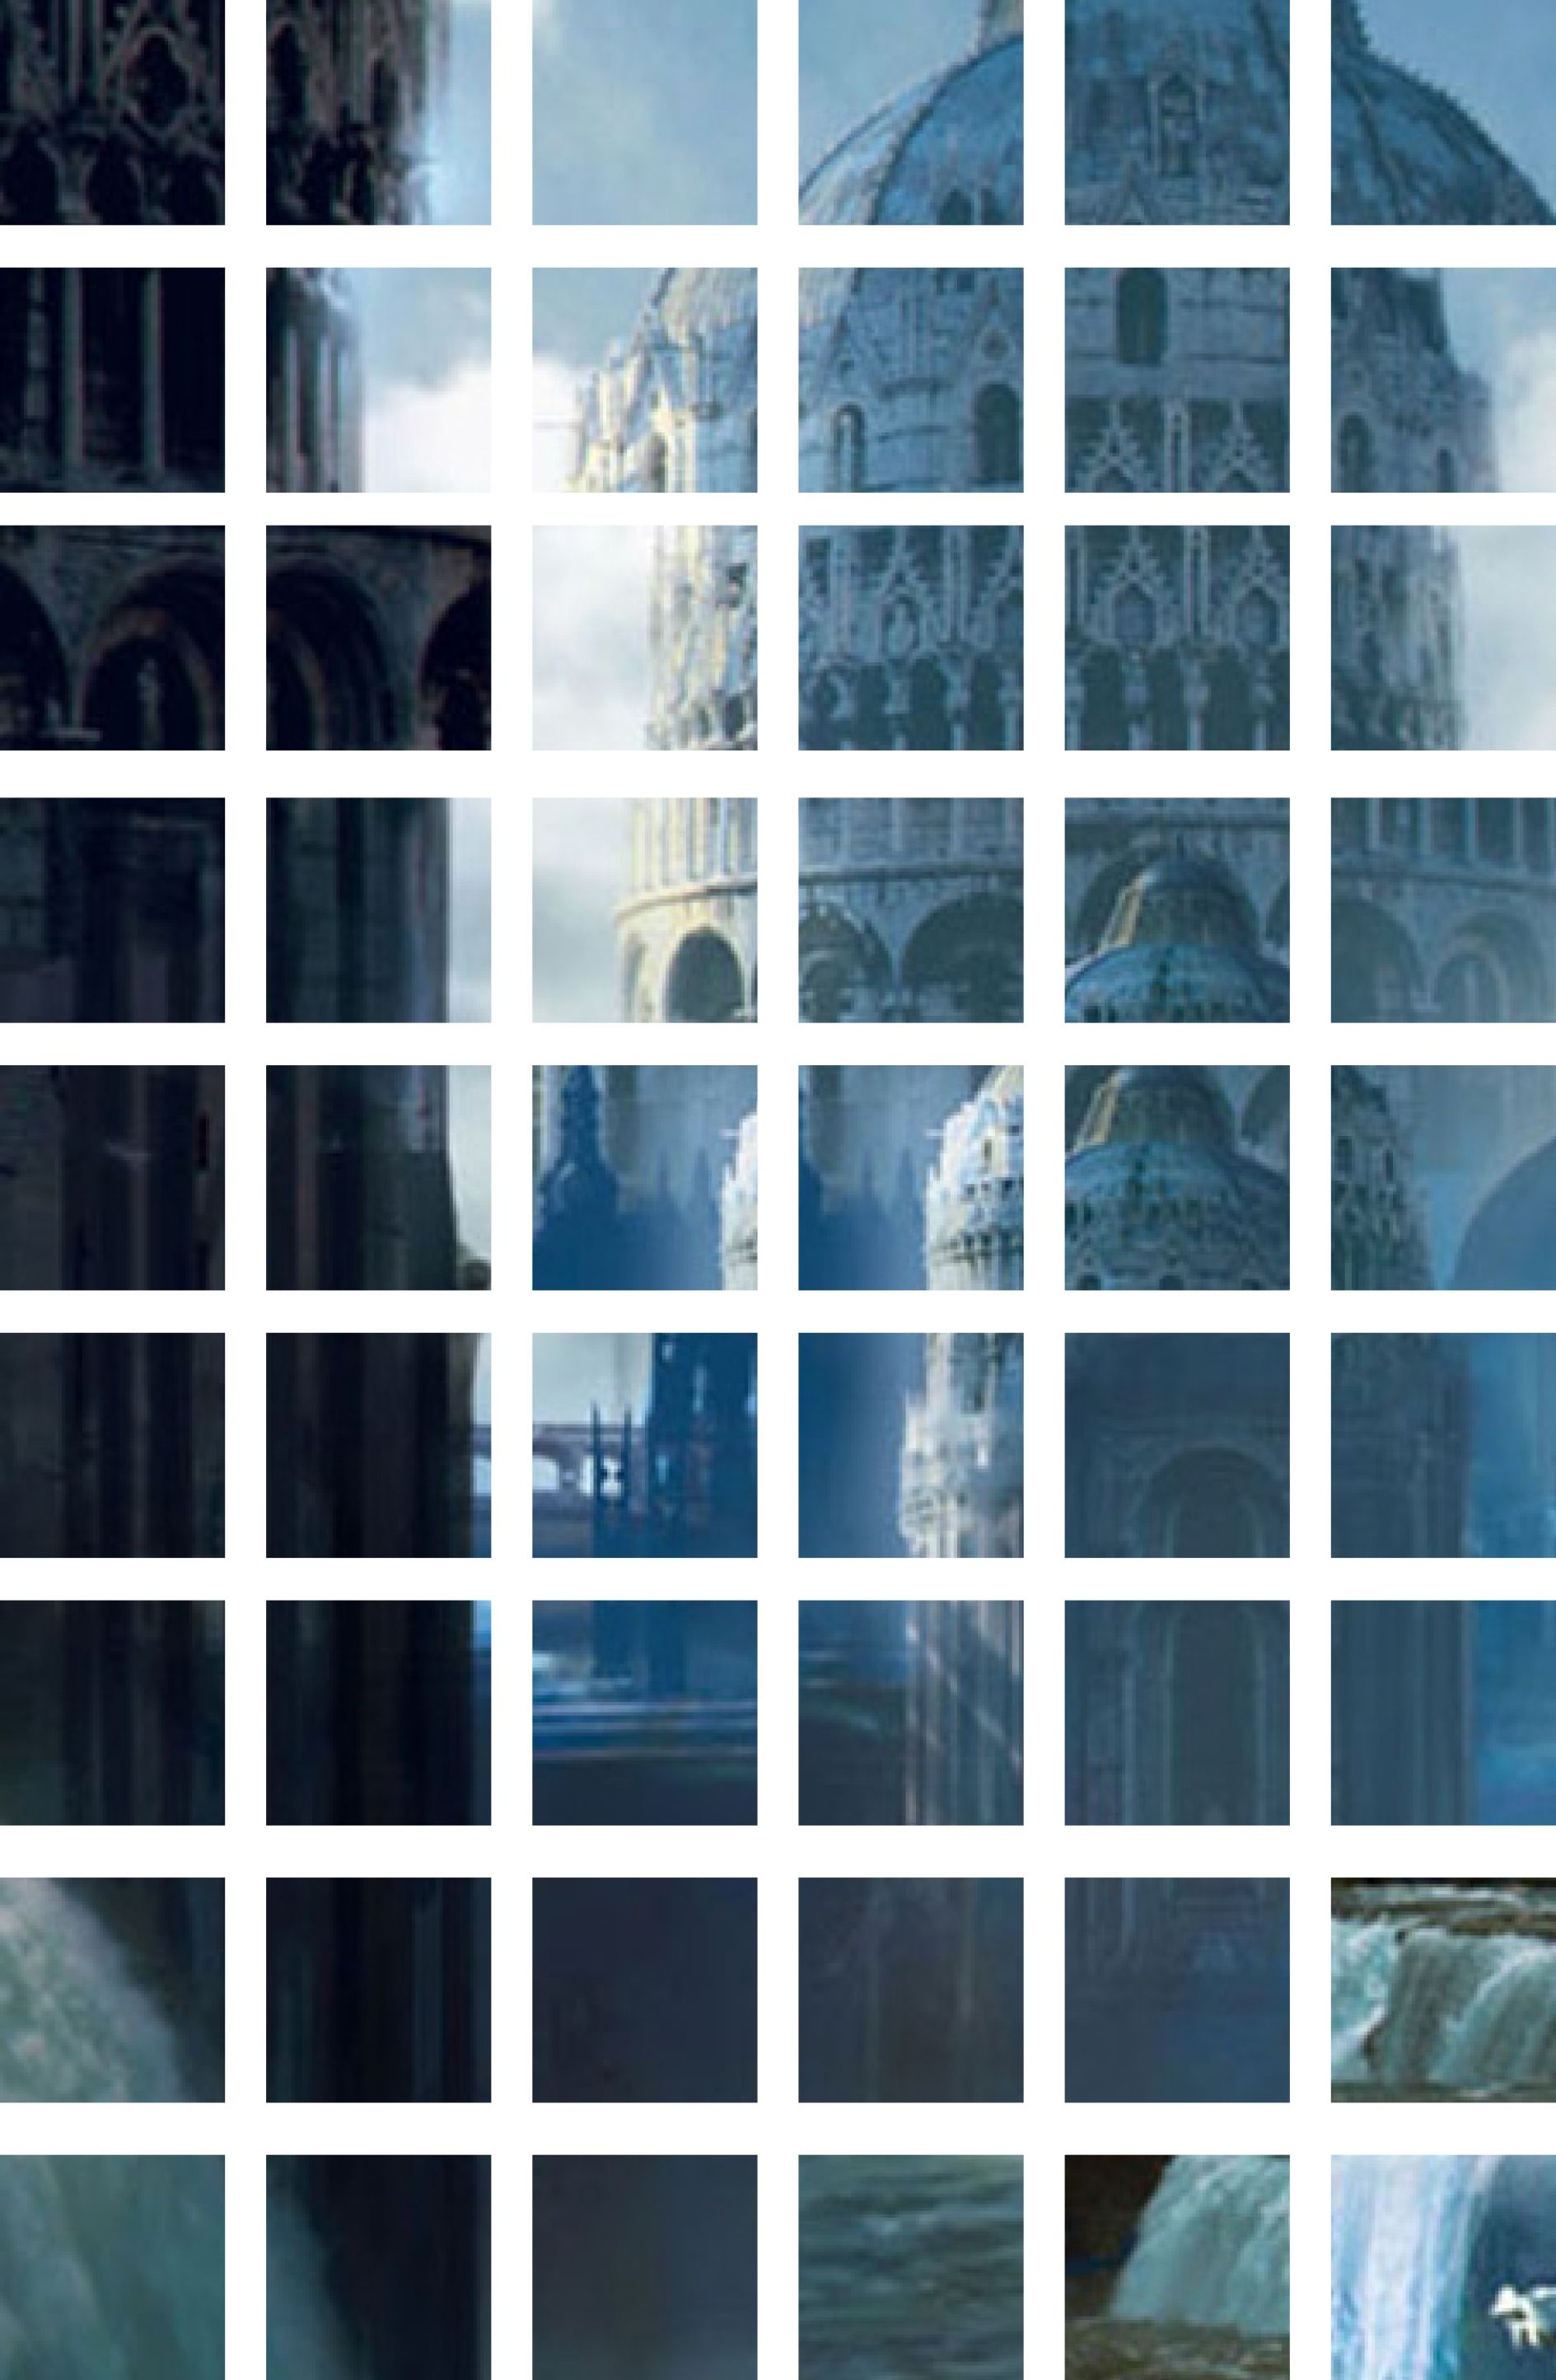 Un collage a riquadri di una città fantastica sulle cascate